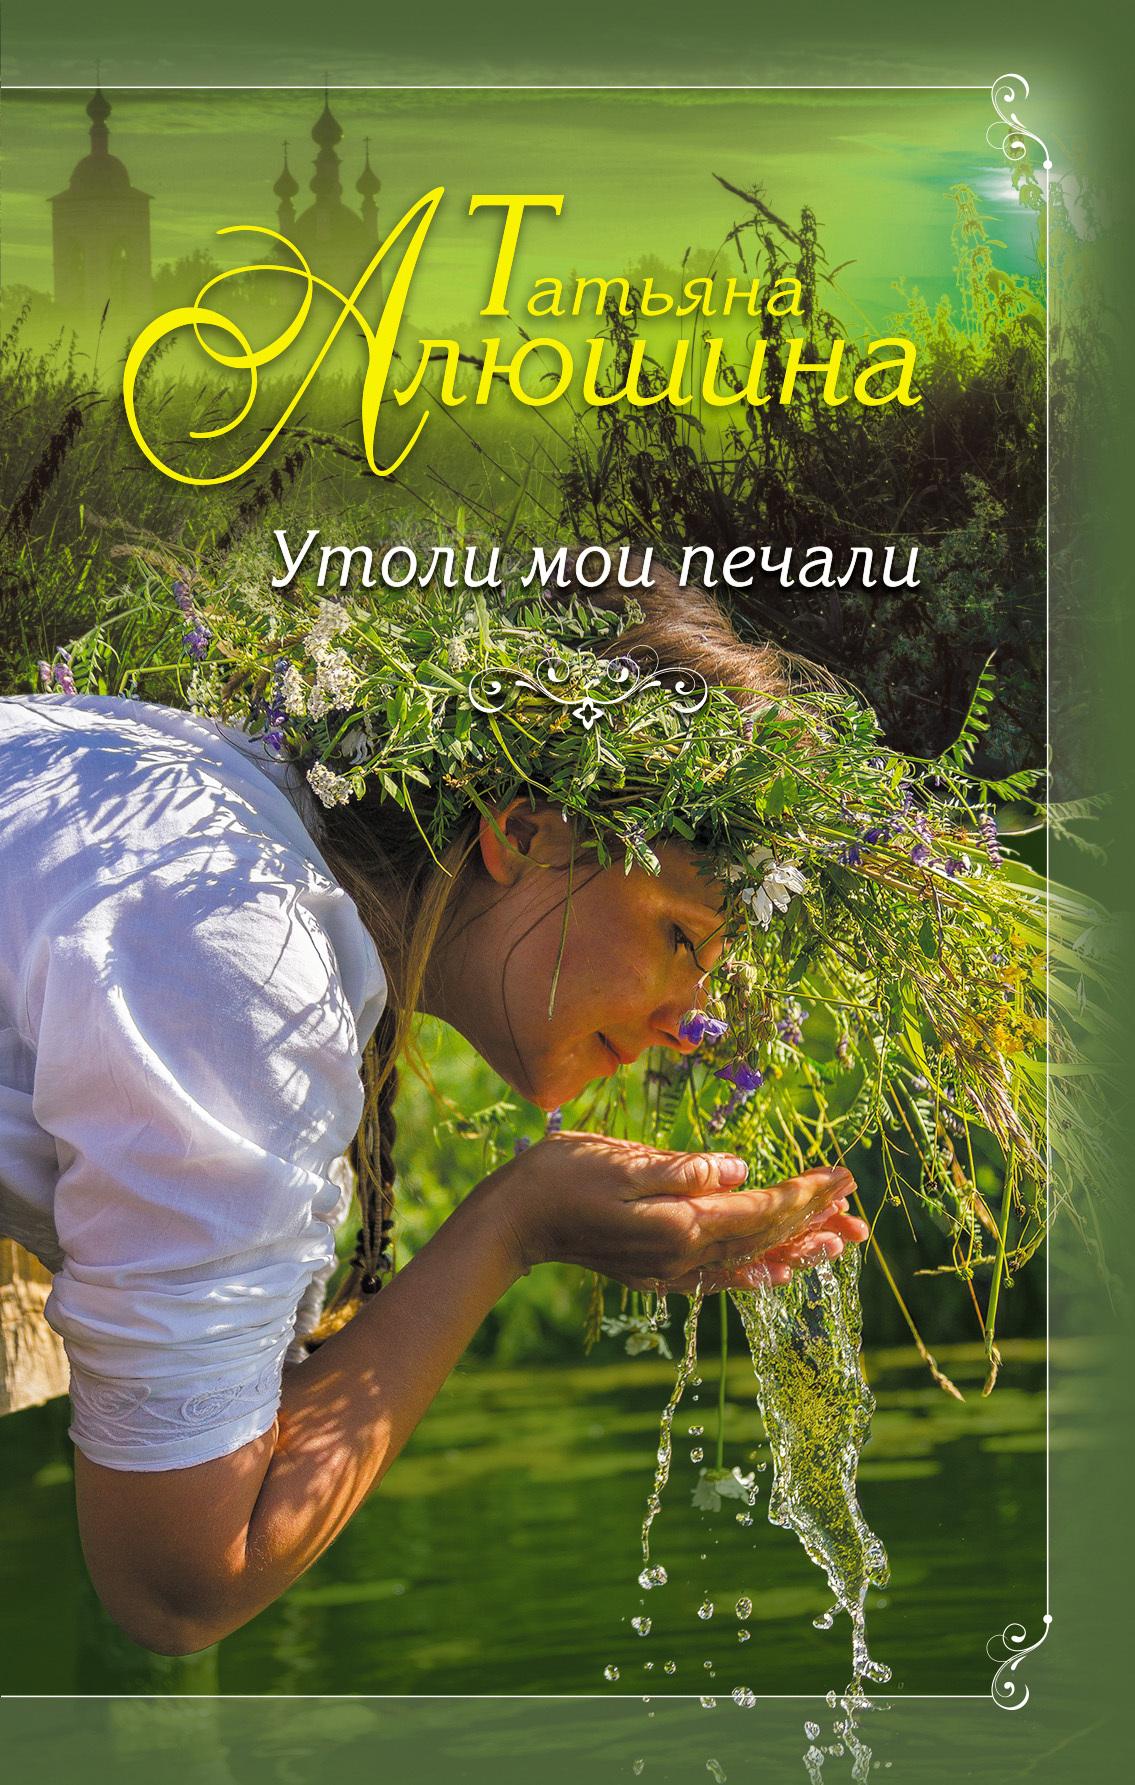 Татьяна Алюшина Утоли мои печали татьяна алюшина счастье среднего возраста